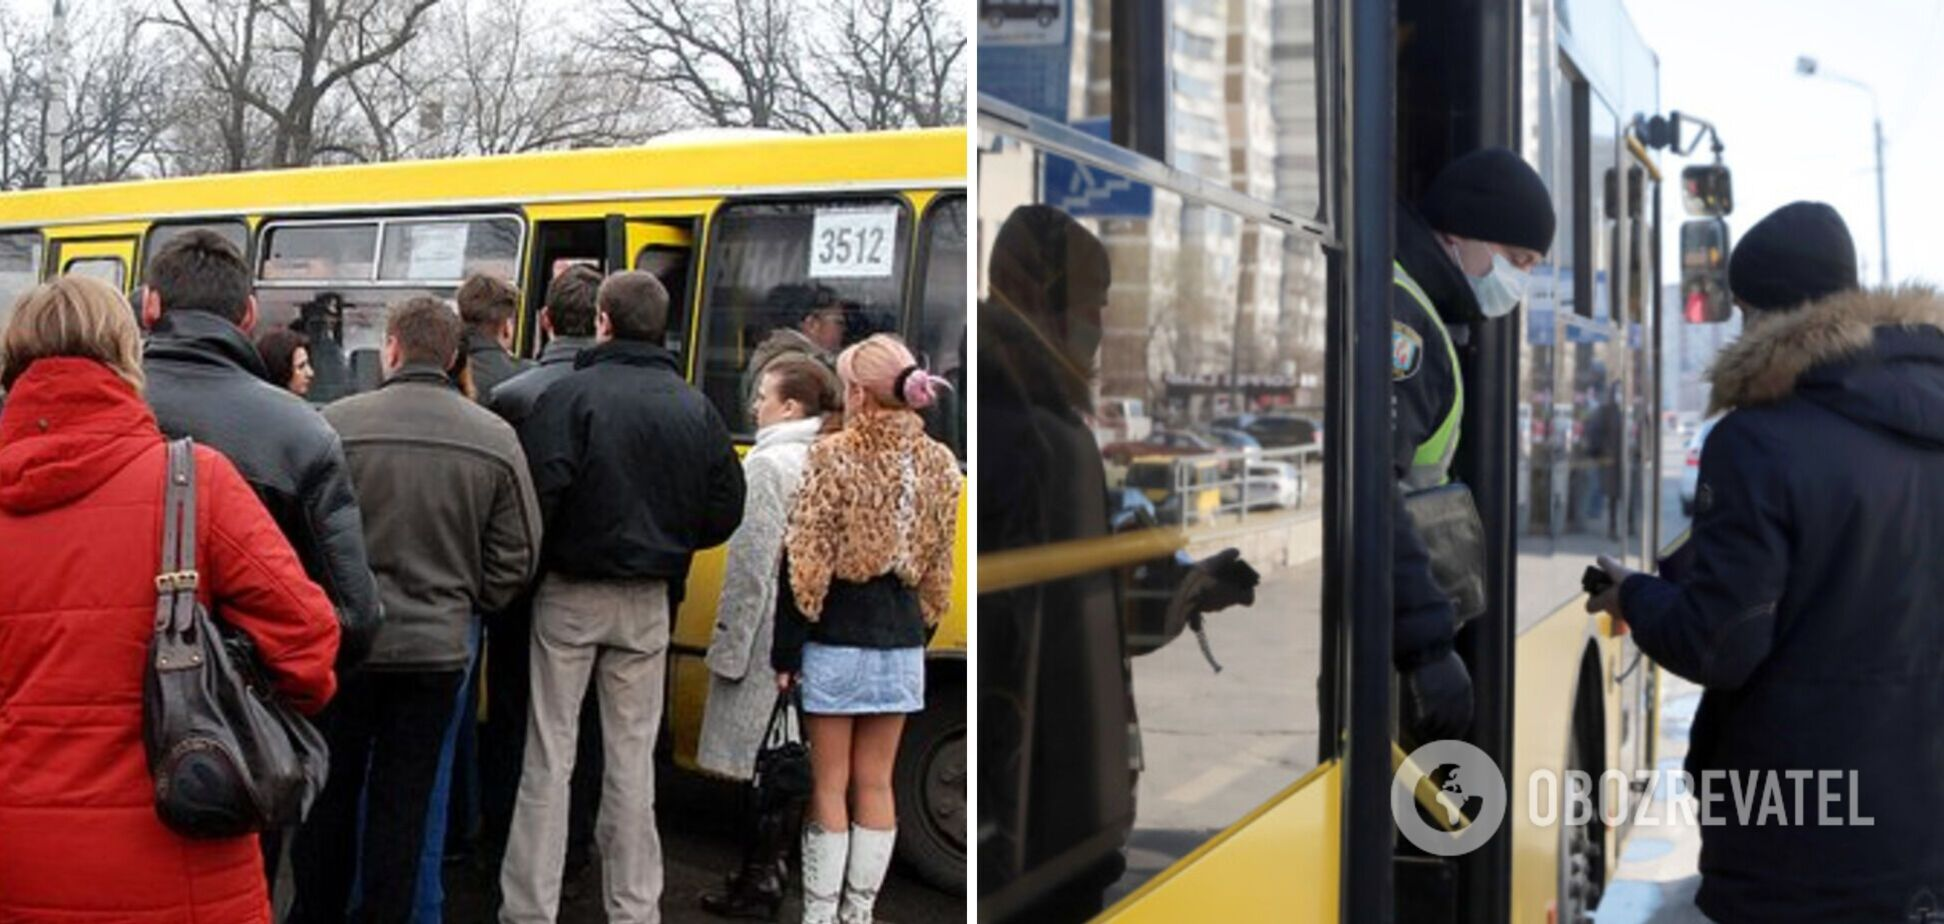 Перевозчики в Киеве пожаловались на убытки и увольнения водителей из-за морального давления